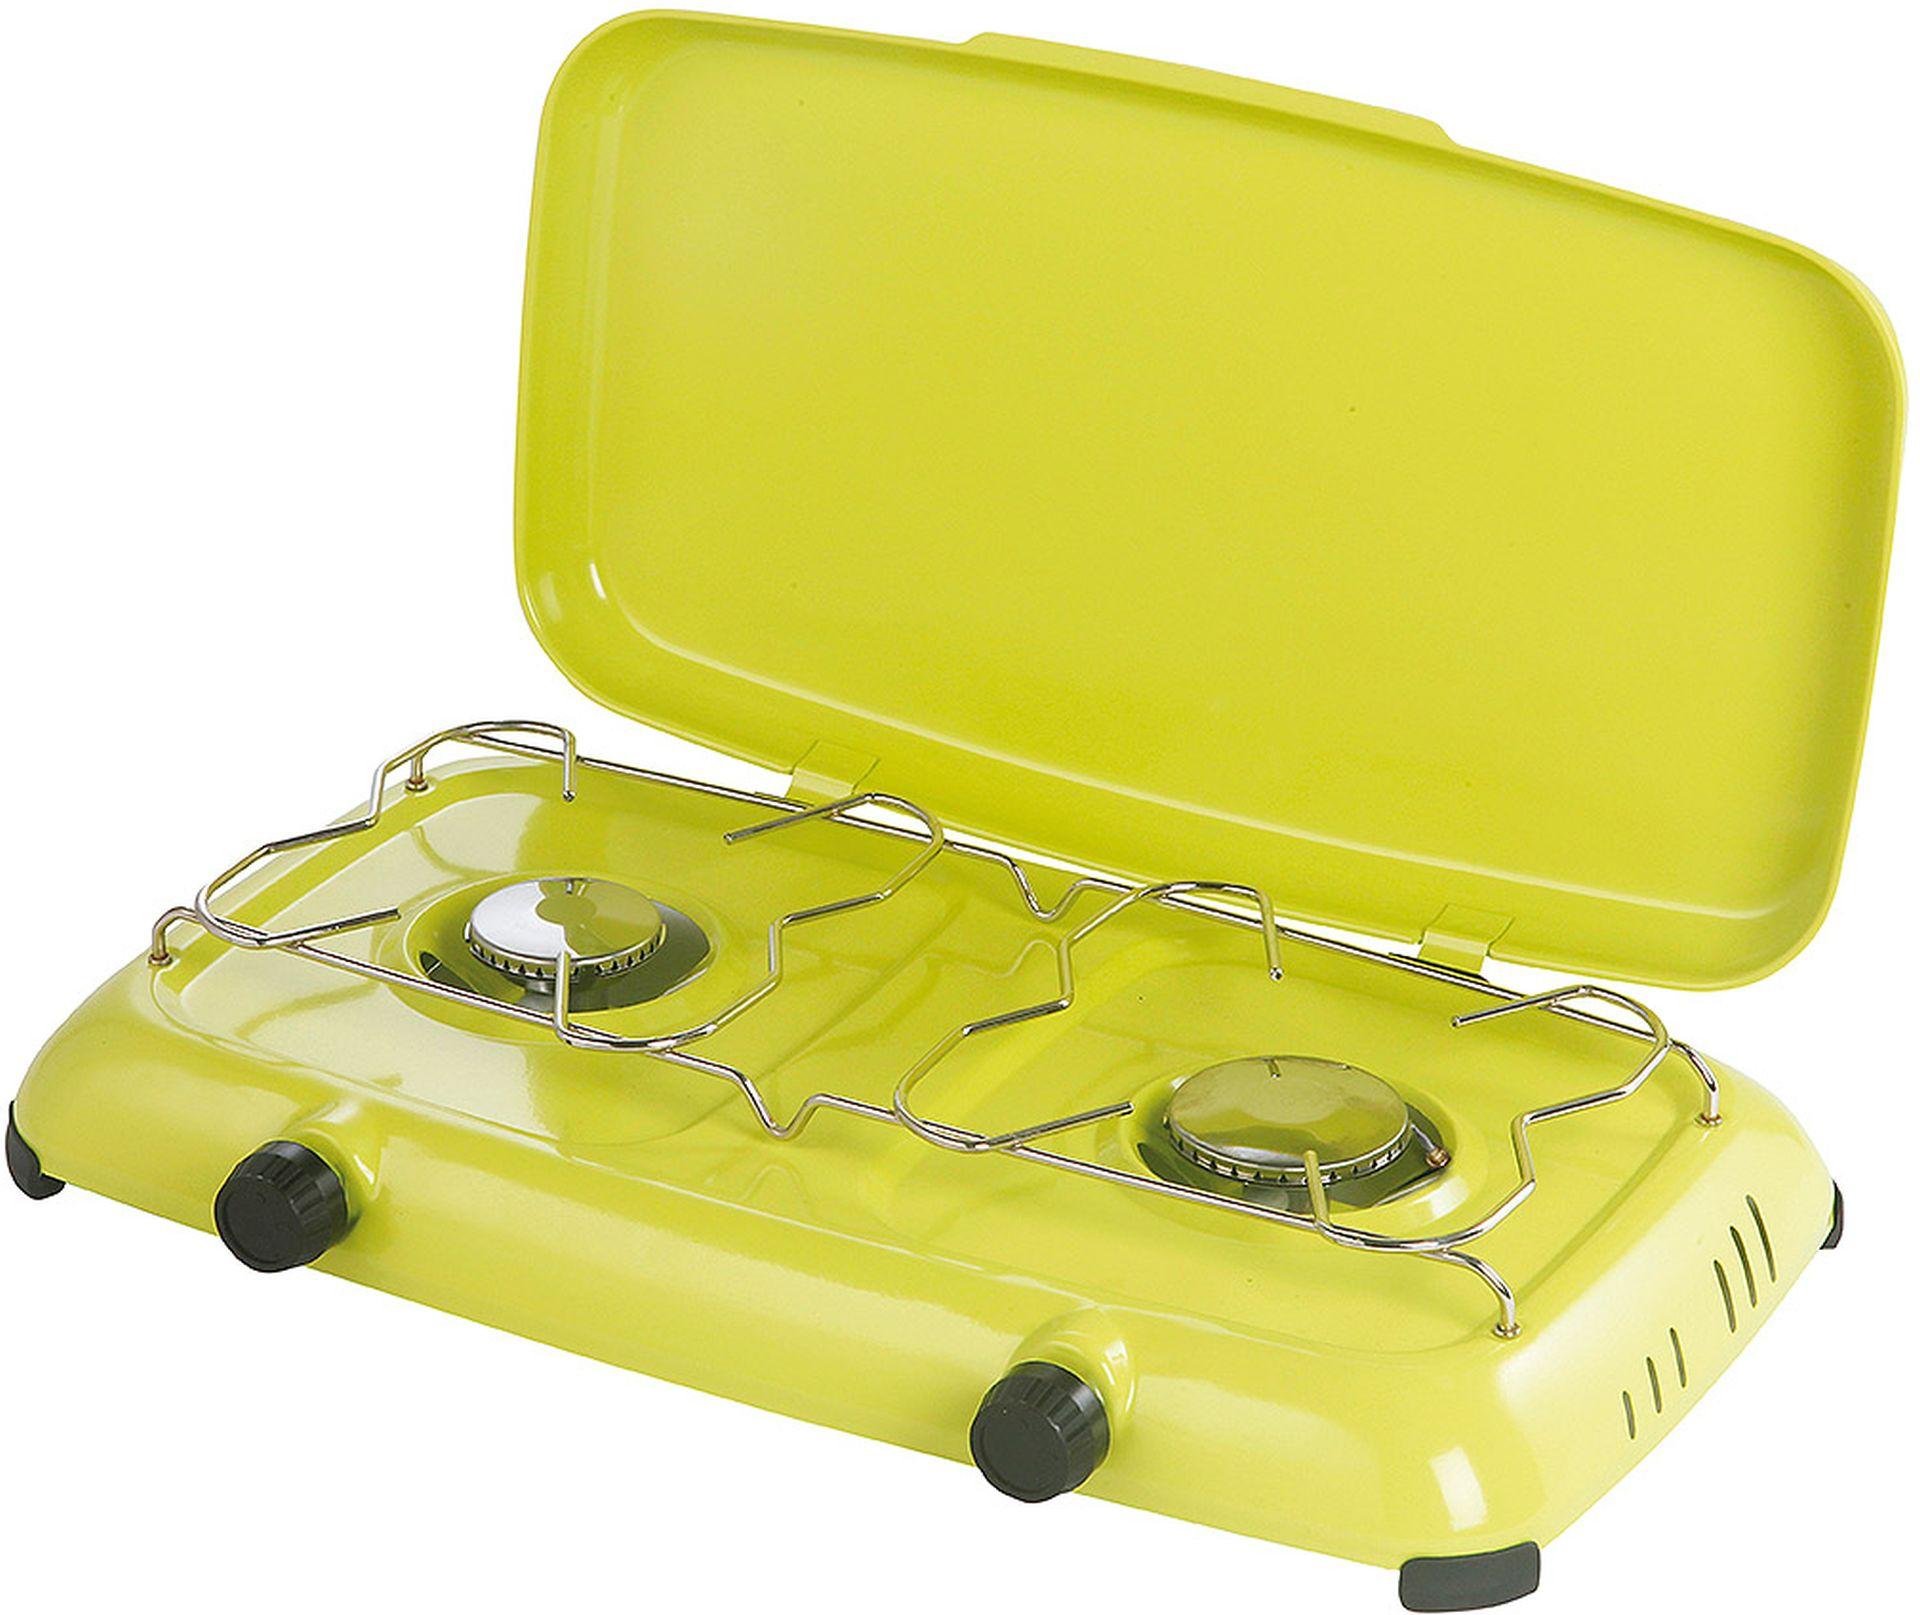 MEVA plynový vařič ORLÍK, termopojistka + víko, nízkotlaký,zelený 2316